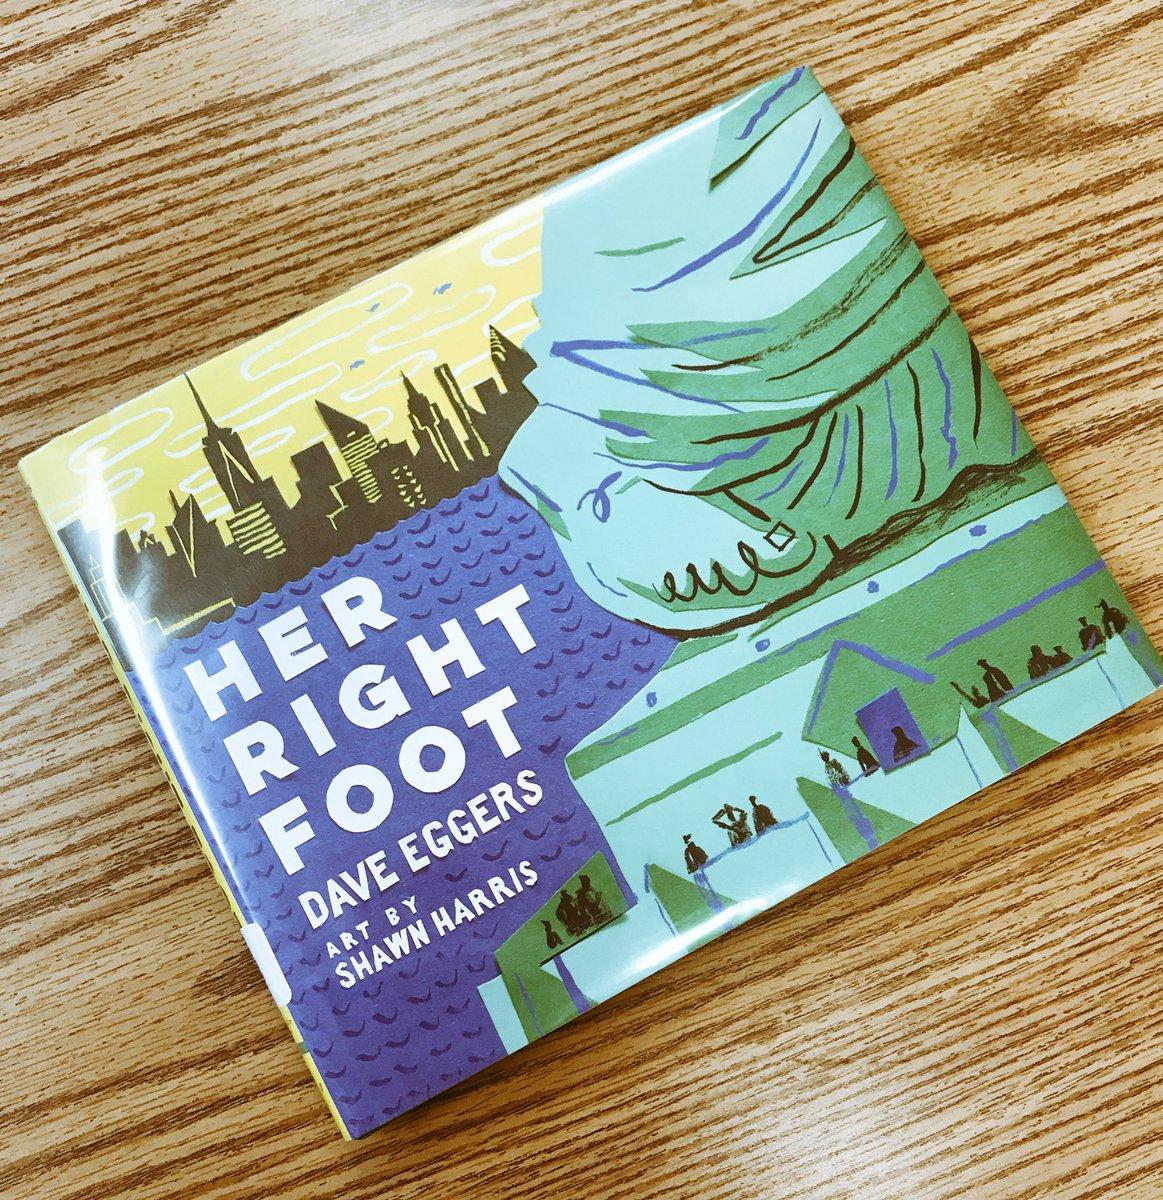 Schönes Buch über Symbolik und die Freiheitsstatue! Sparked Disc w Ss über Einwanderer, Freiheit und Freundschaft. @APSsocstudies @APS_ATS https://t.co/vglJvLquGK